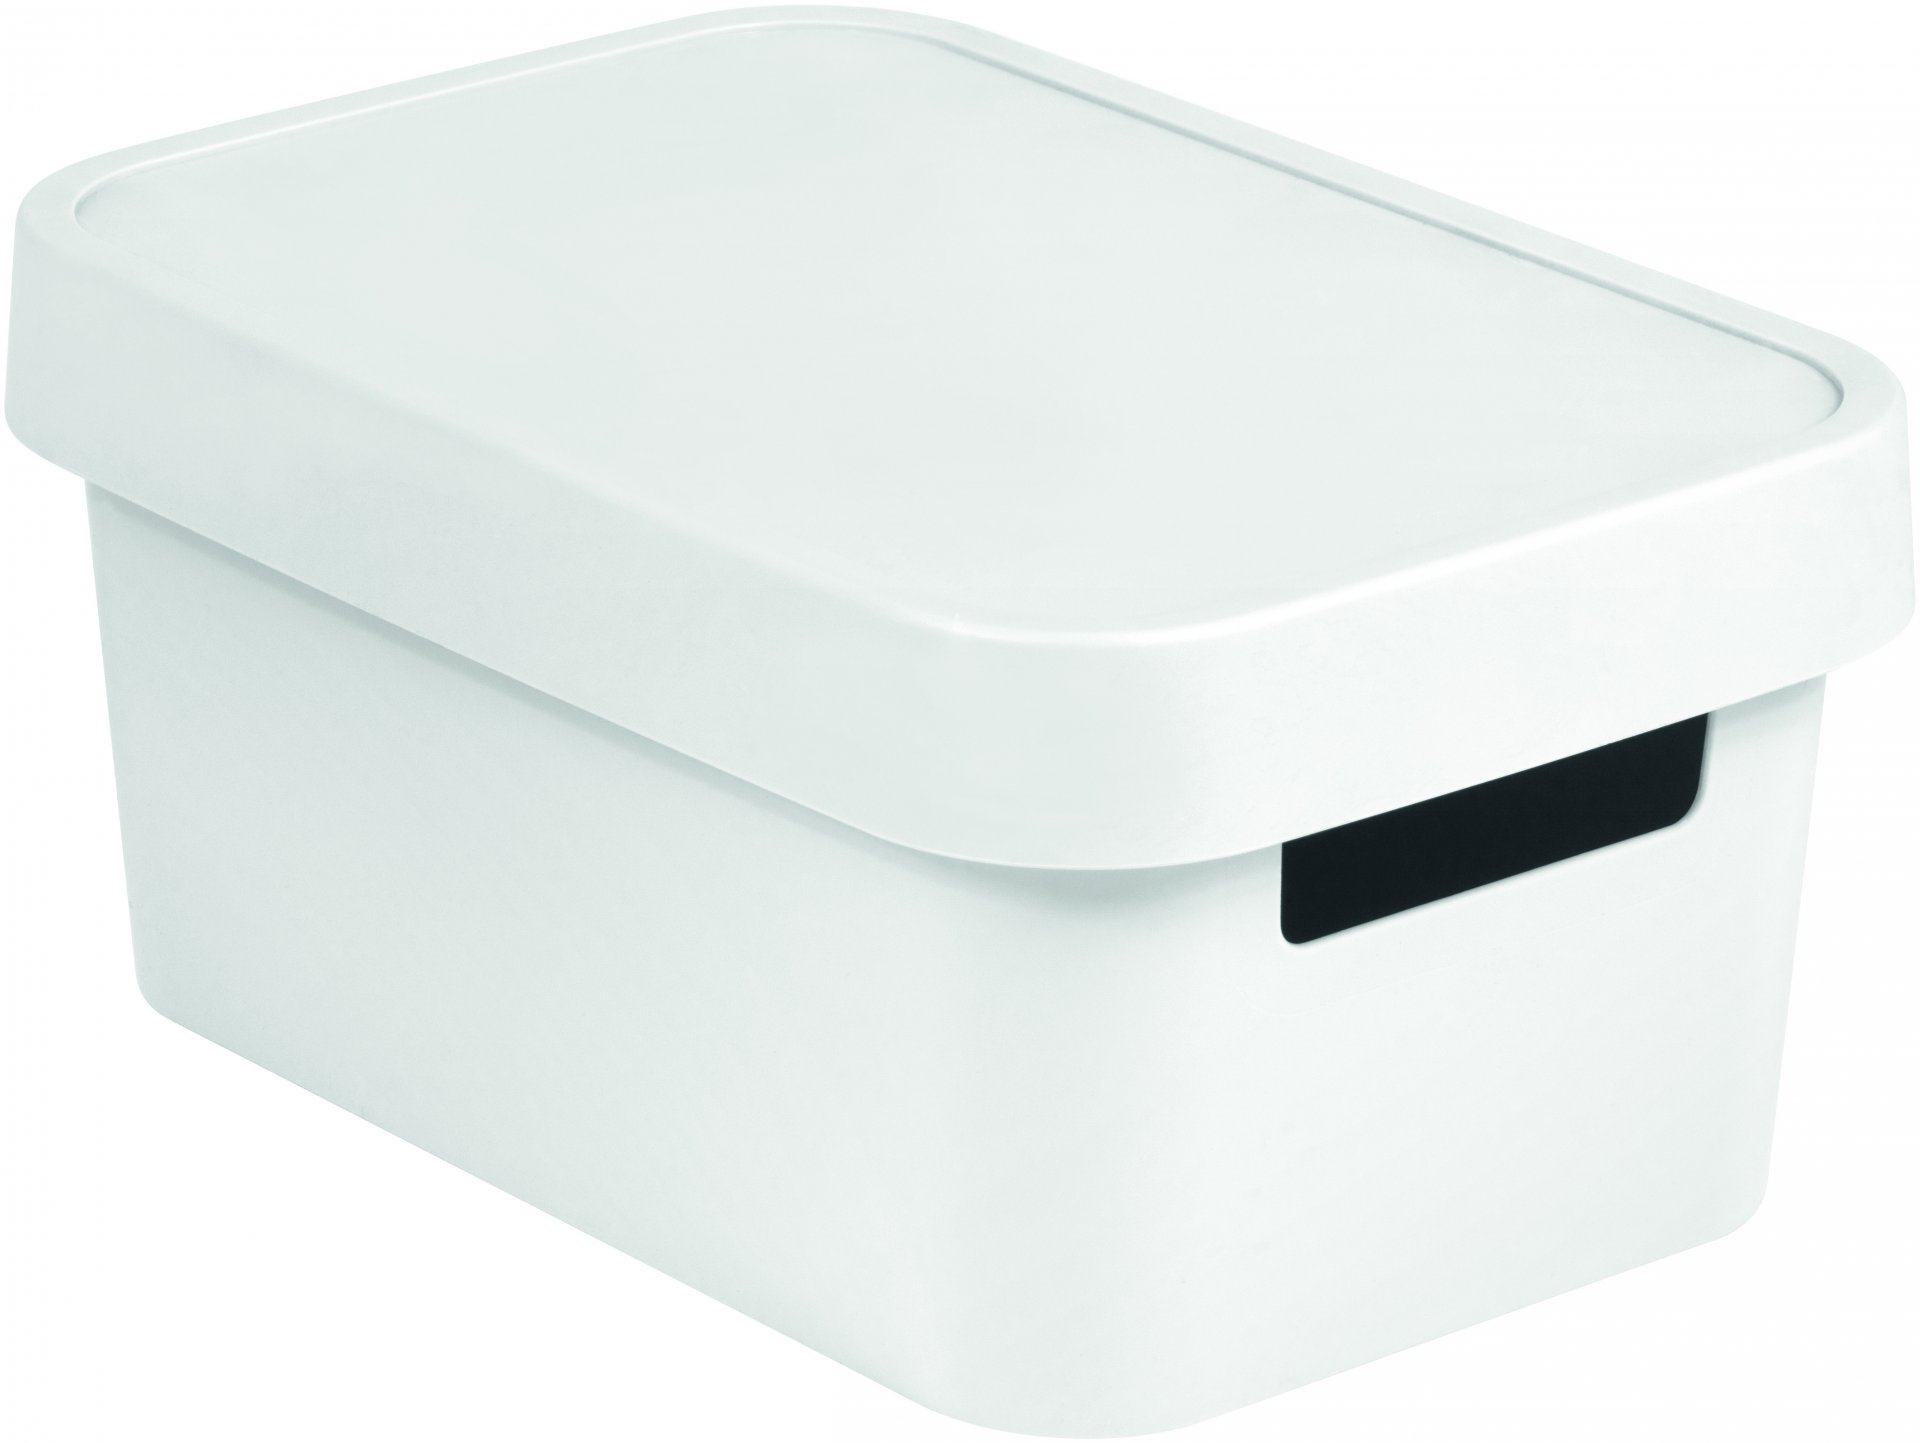 Curver Úložný box INFINITY 4,5l s víkem bílý